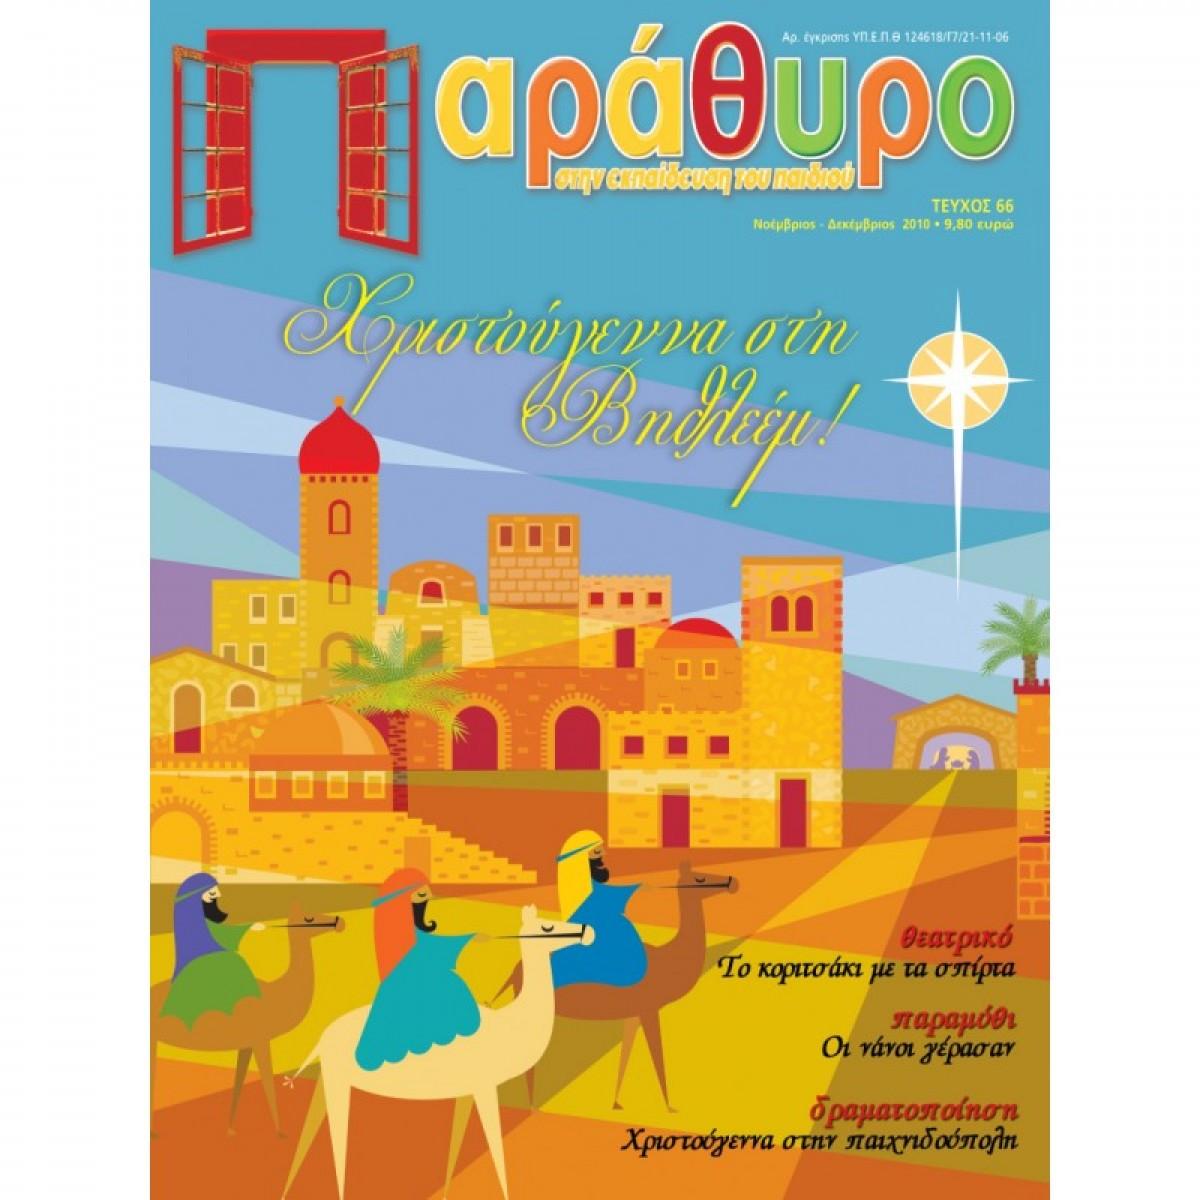 ΠΑΡΑΘΥΡΟ ΤΕΥΧΟΣ 66 Περιοδικό Παράθυρο